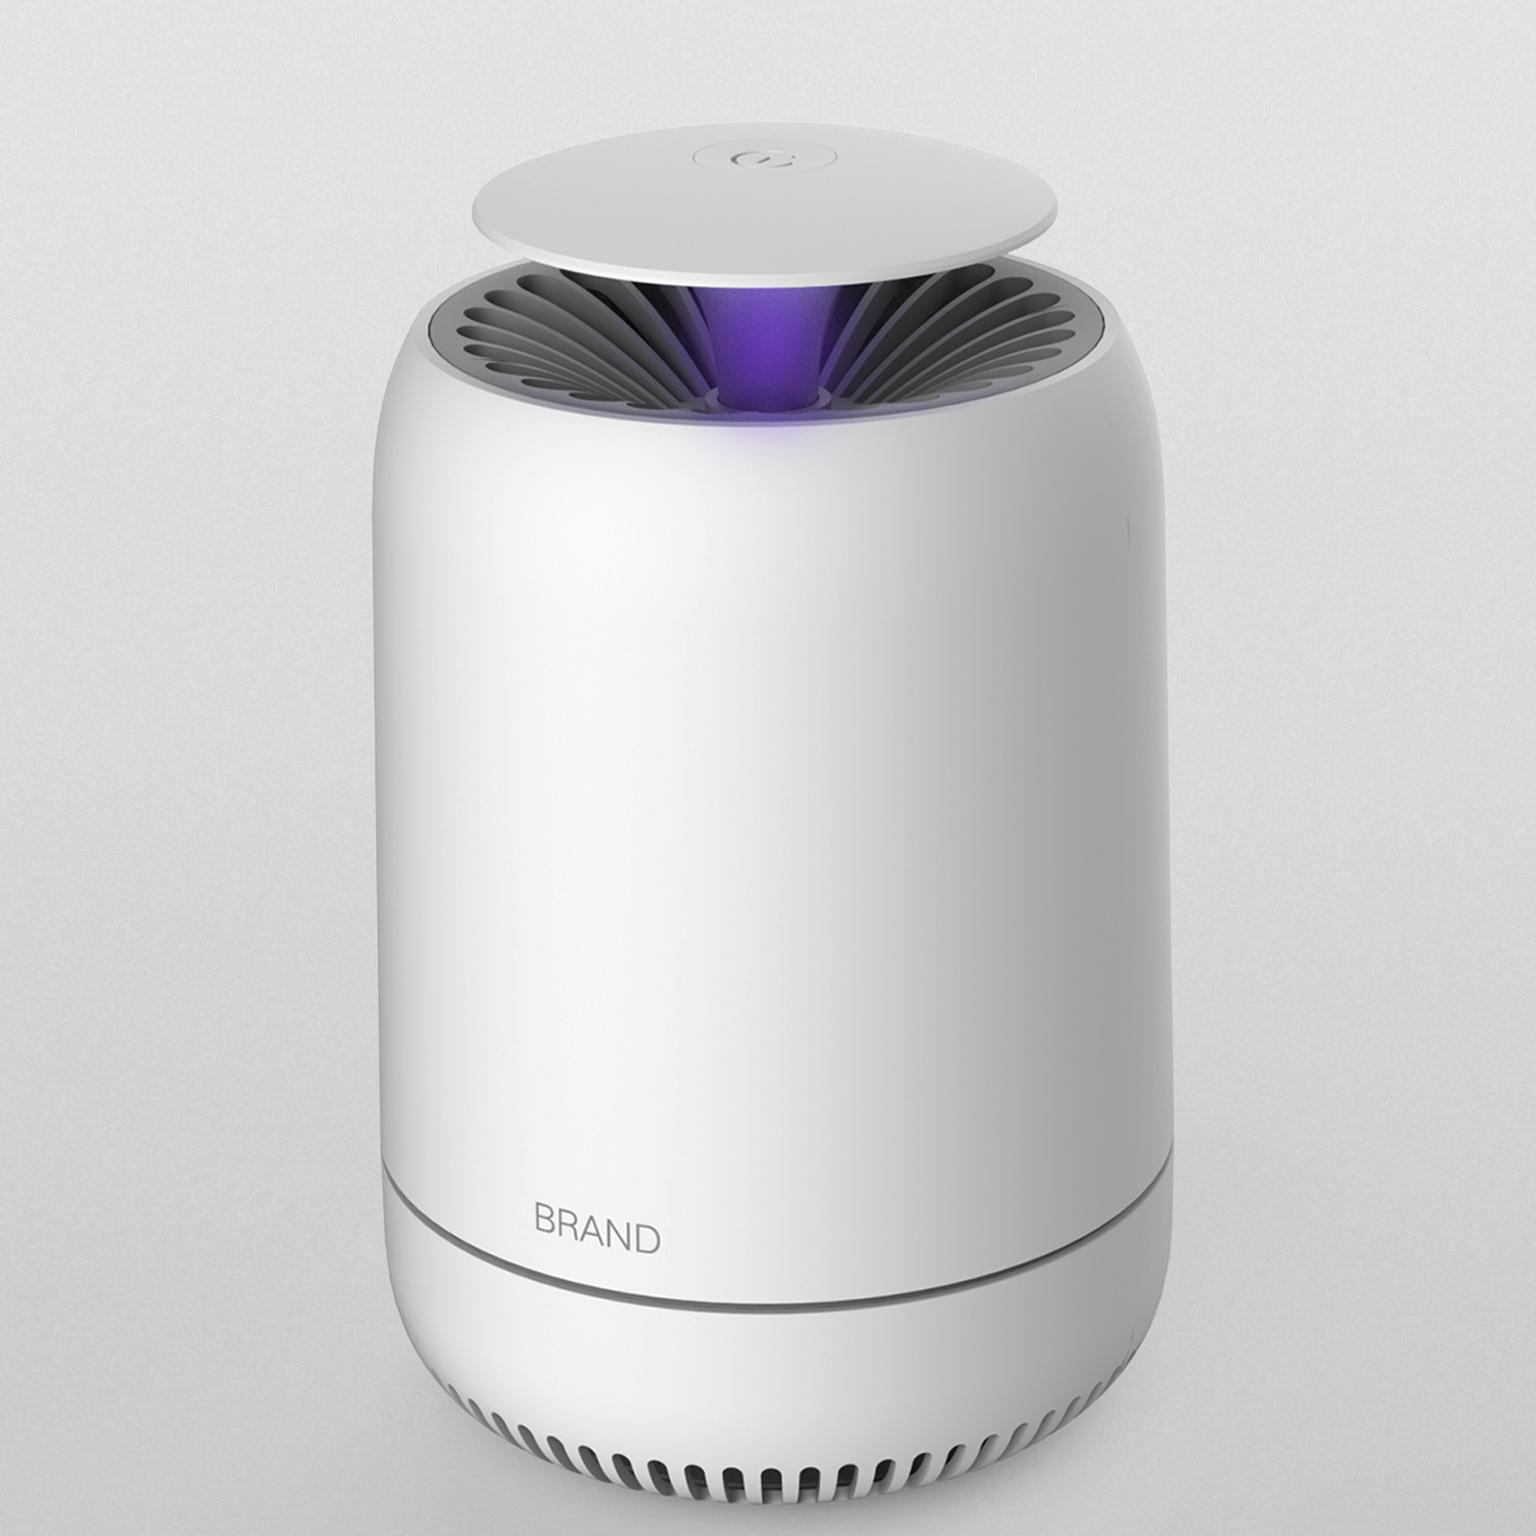 YGMT Đèn diệt muỗi Thuốc diệt muỗi nhà USB Kiểm soát ánh sáng vật lý hít phải LDE quang xúc tác điện